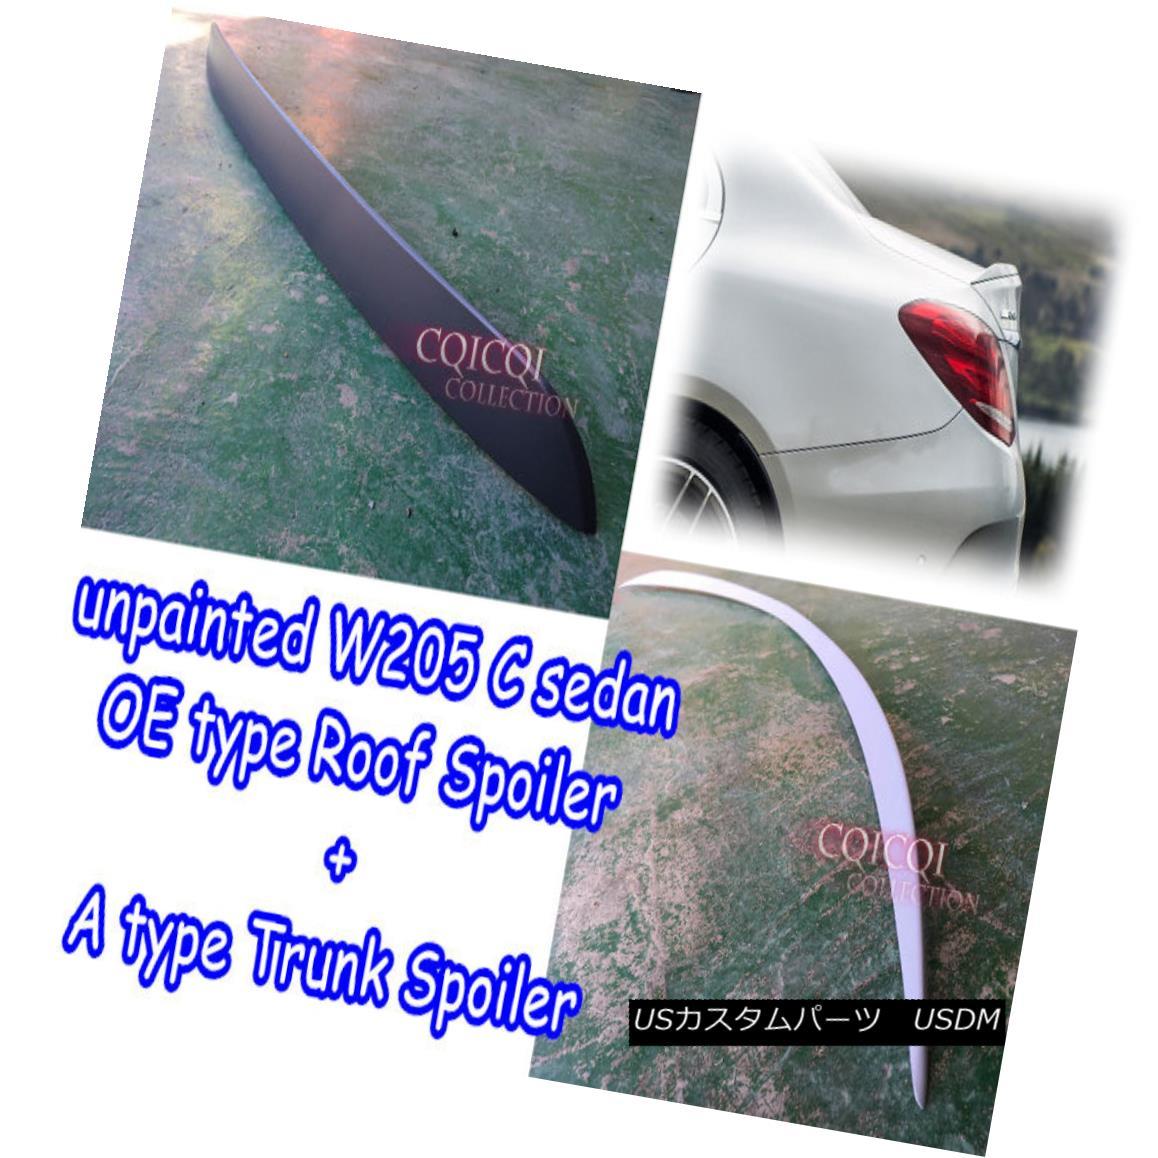 エアロパーツ Unpainted BENZ 15~17 W205 C class Sedan OE type roof spoiler + trunk spoiler ◎ 未塗装ベンツ15?17 W205 CクラスセダンOEタイプルーフスポイラー+トランク・スポイラー?